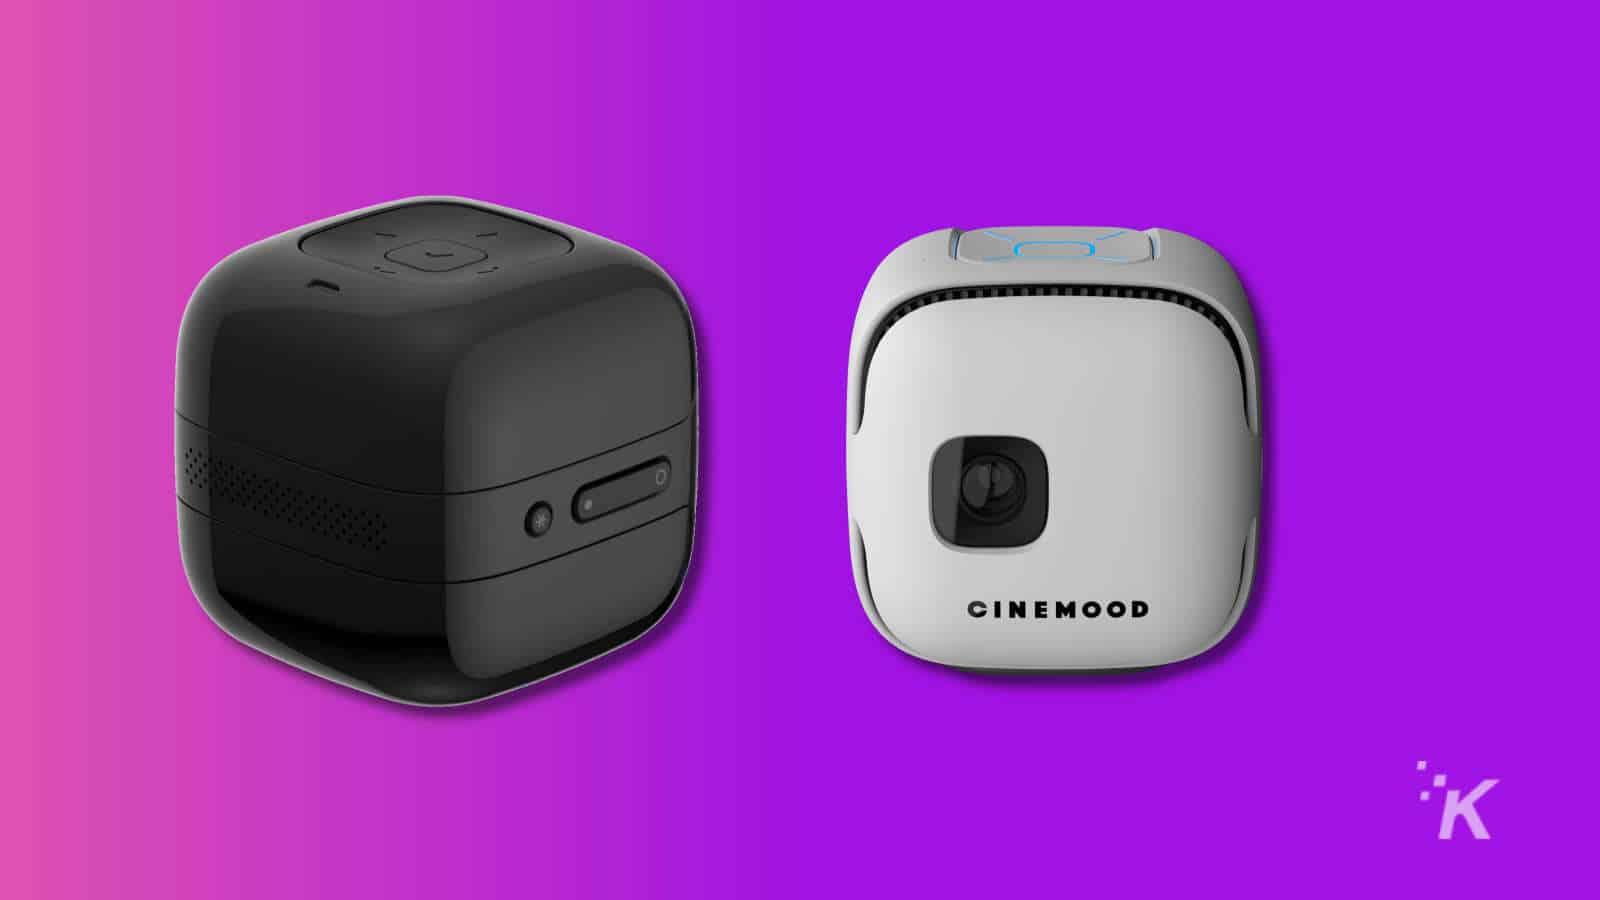 cinemood portable projectors